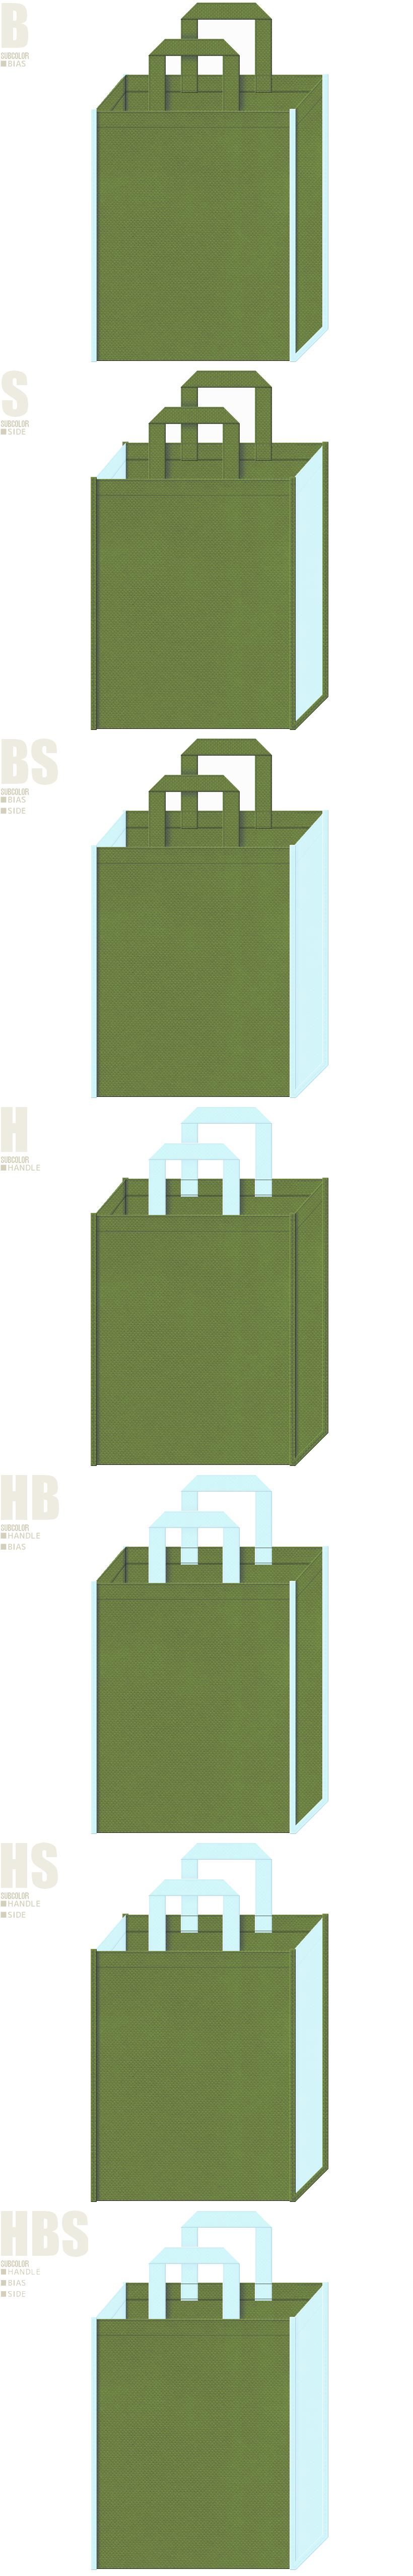 水草・ビオトープ・和風庭園・造園用品・エクステリアの展示会用バッグにお奨めの不織布バッグデザイン:草色と水色の配色7パターン